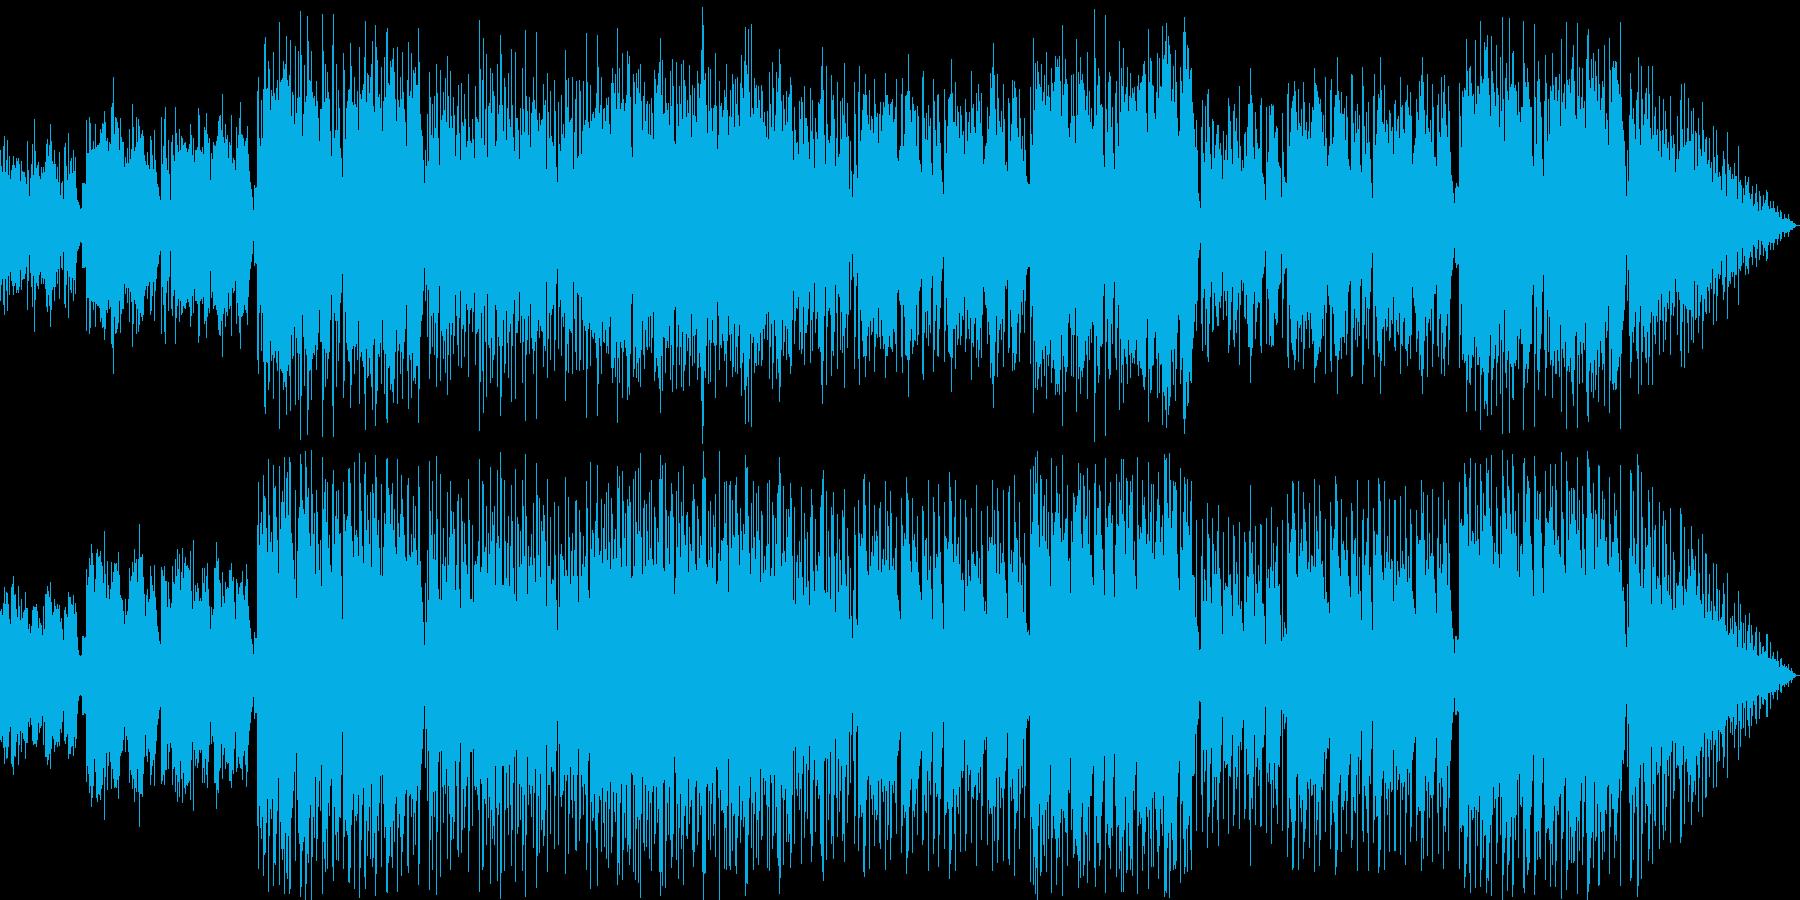 儚い雰囲気をもった民族音楽的な曲の再生済みの波形